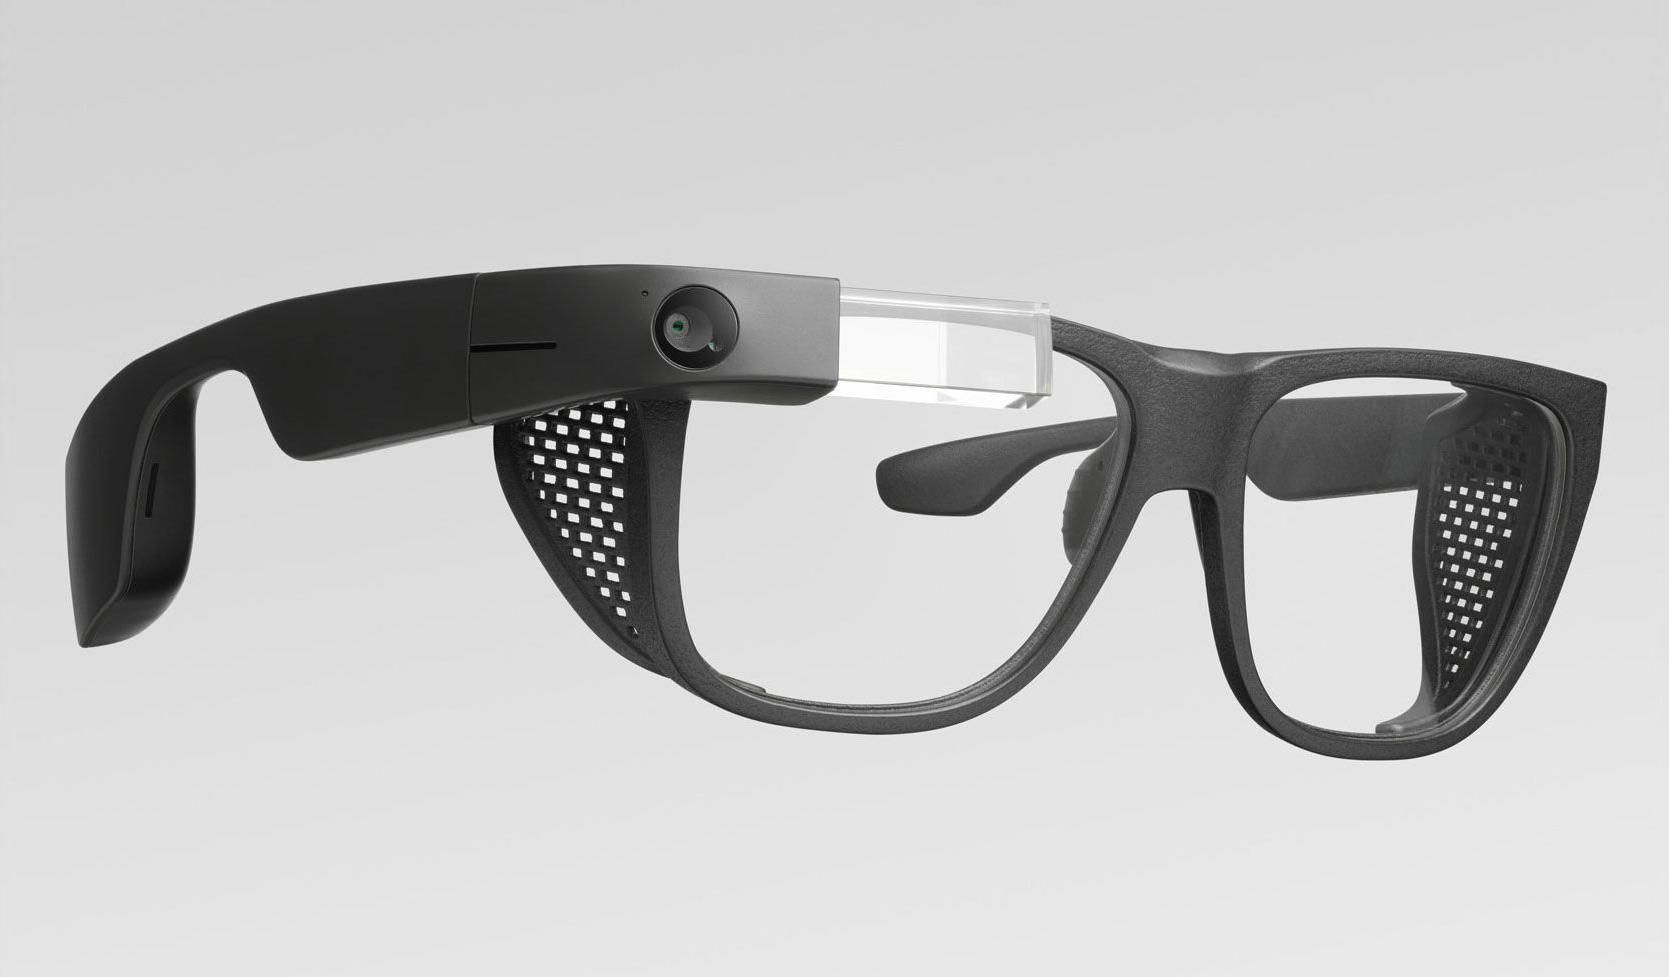 Новые очки Google Glass будут работать под управлением Android